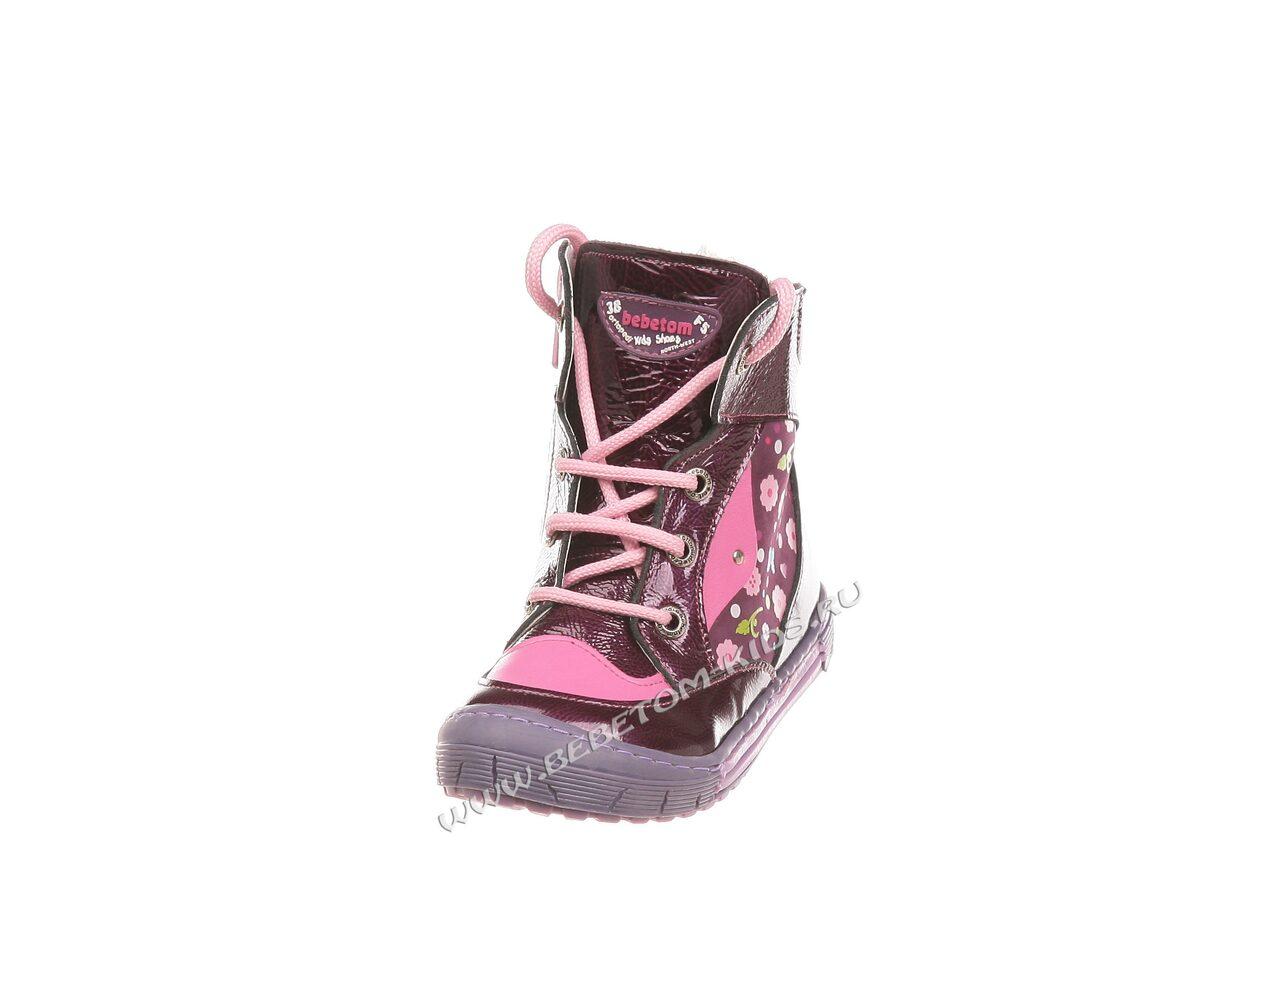 Зимняя ортопедическая обувь детская фото, Жен. туфли S1098-1207черв